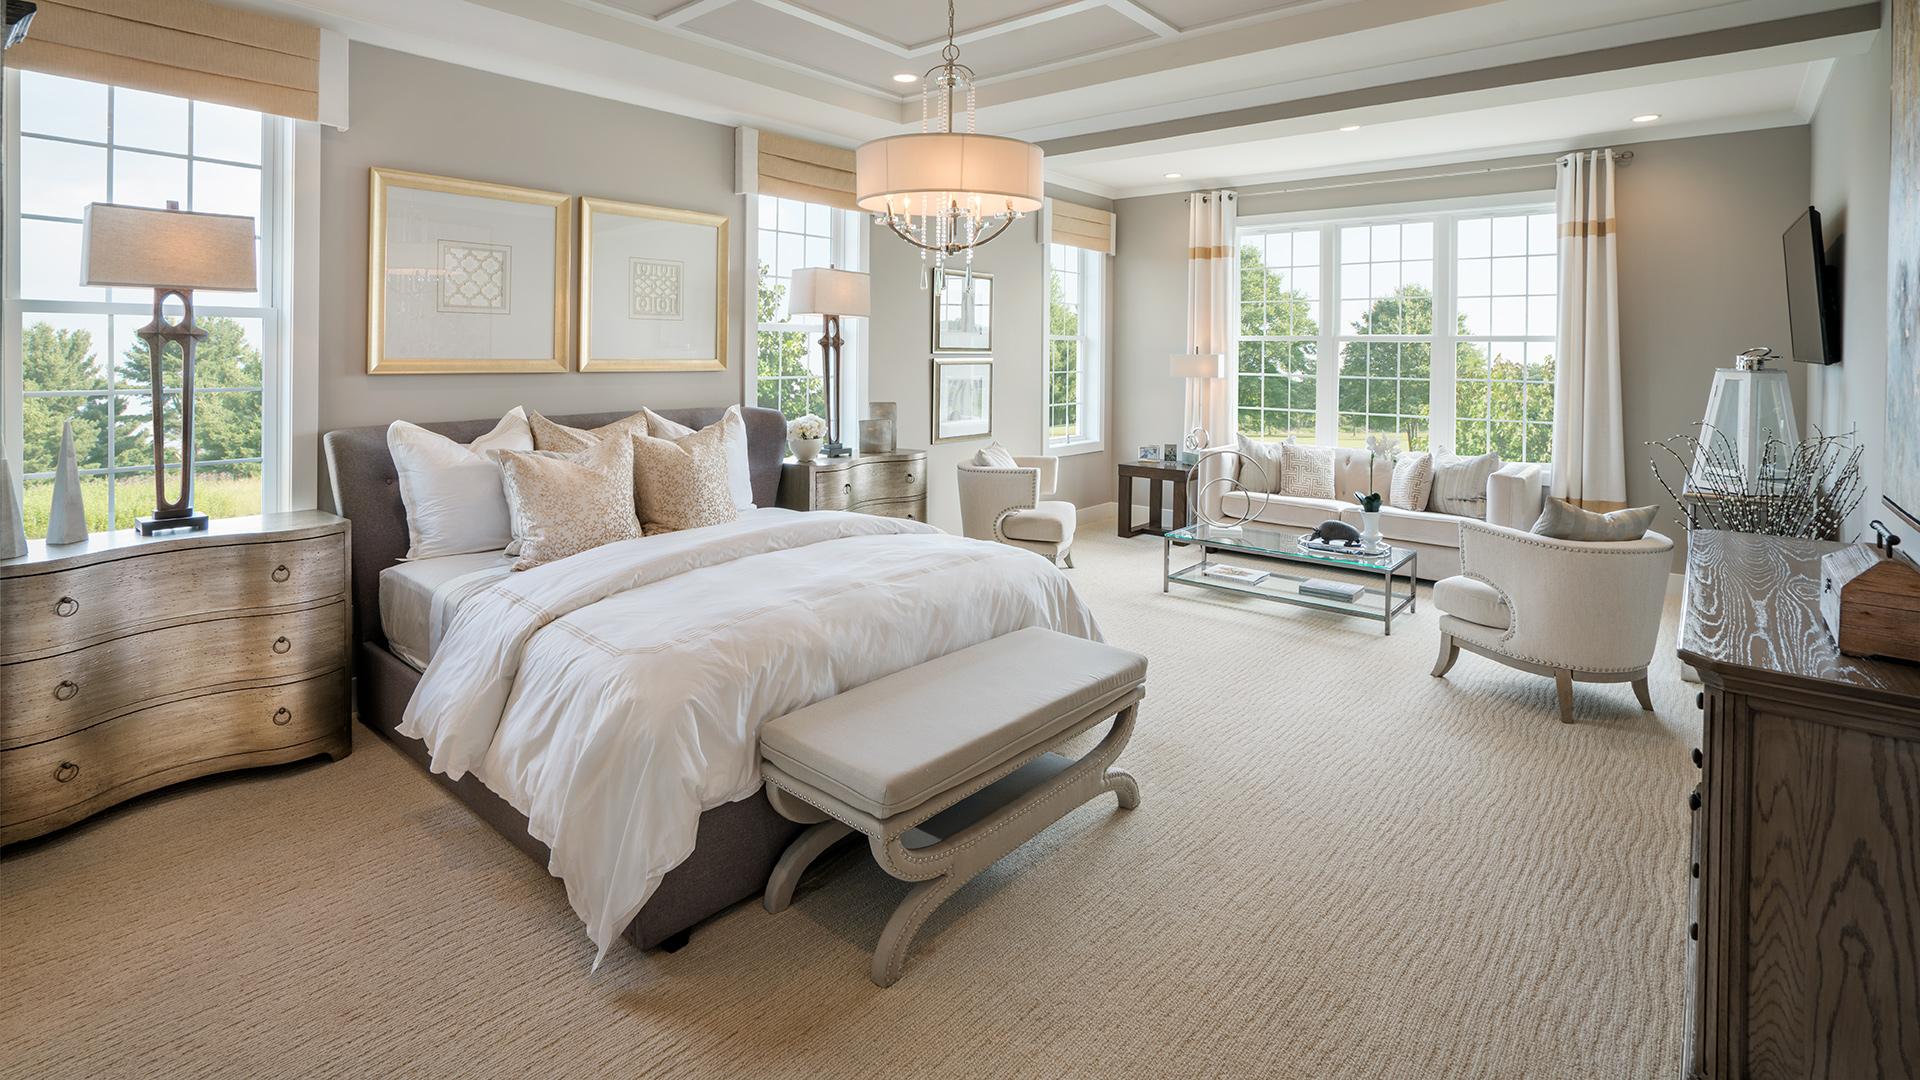 First-floor primary bedroom suites